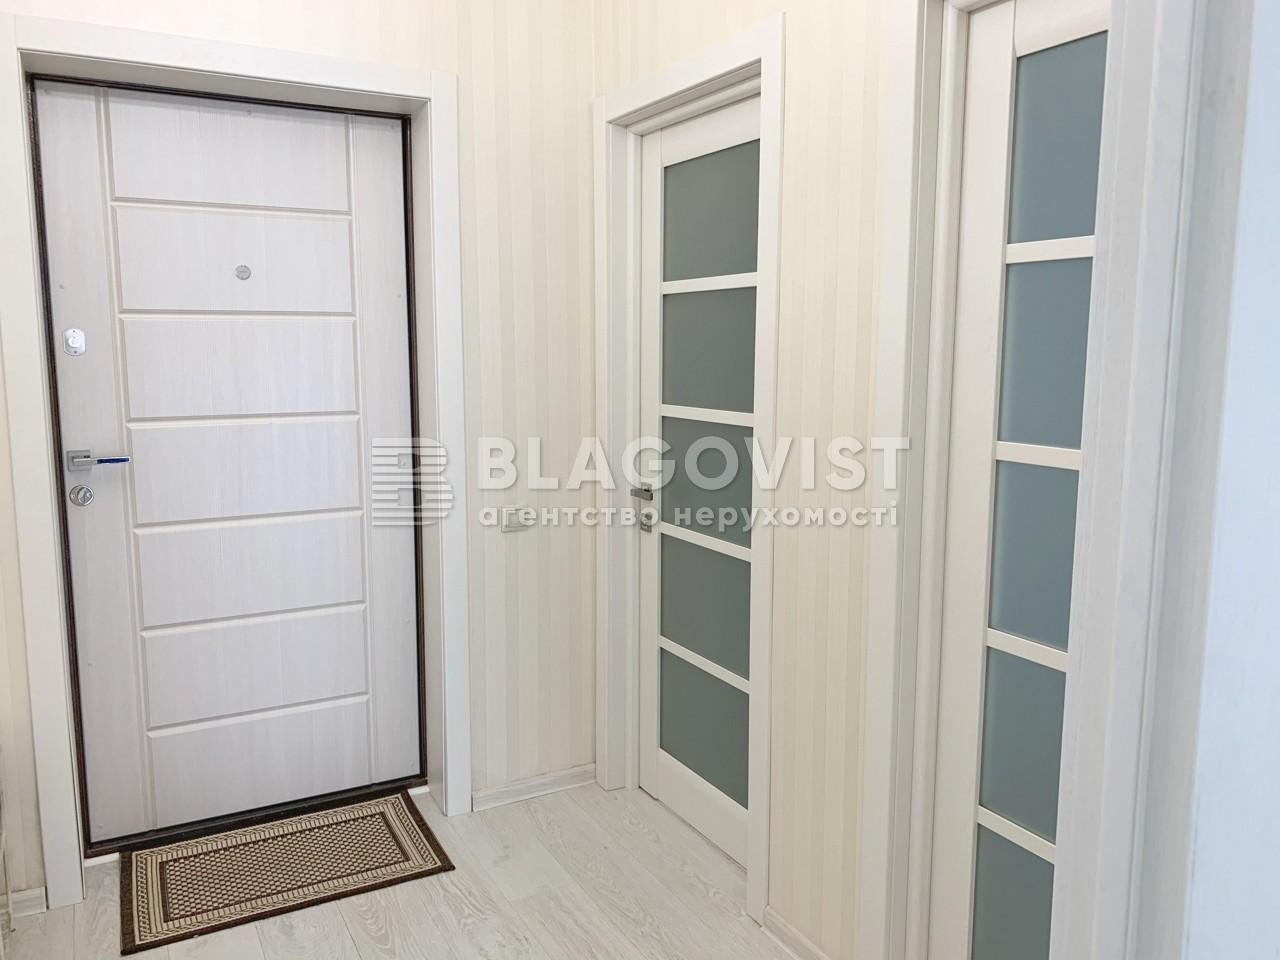 Квартира D-35673, Драгоманова, 2б, Киев - Фото 17